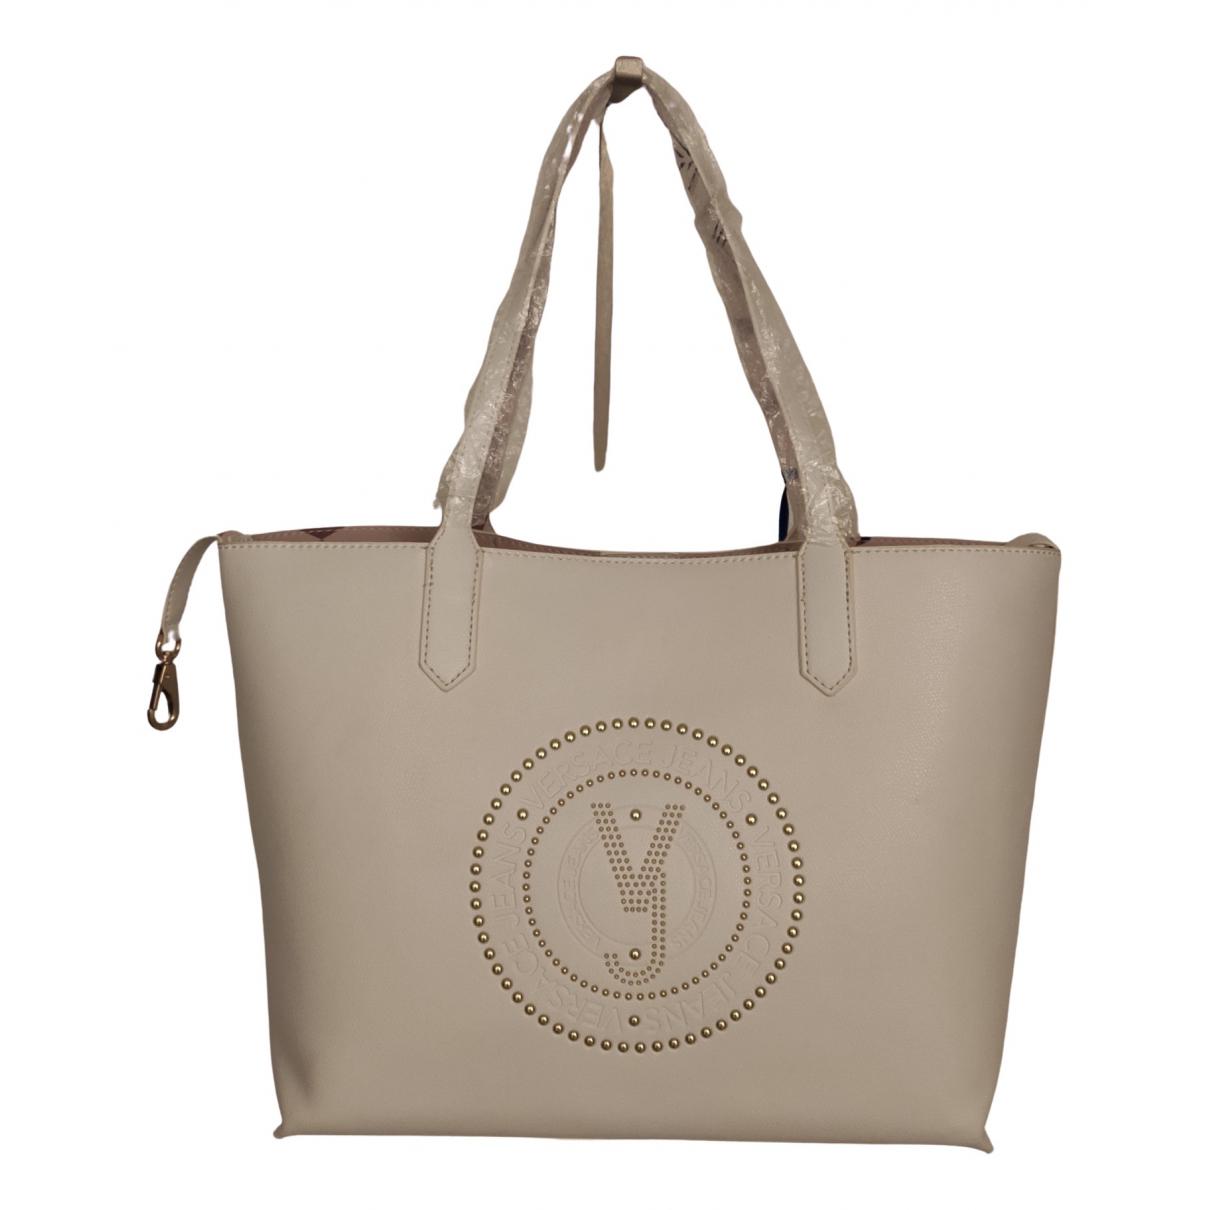 Versace Jeans \N White handbag for Women \N